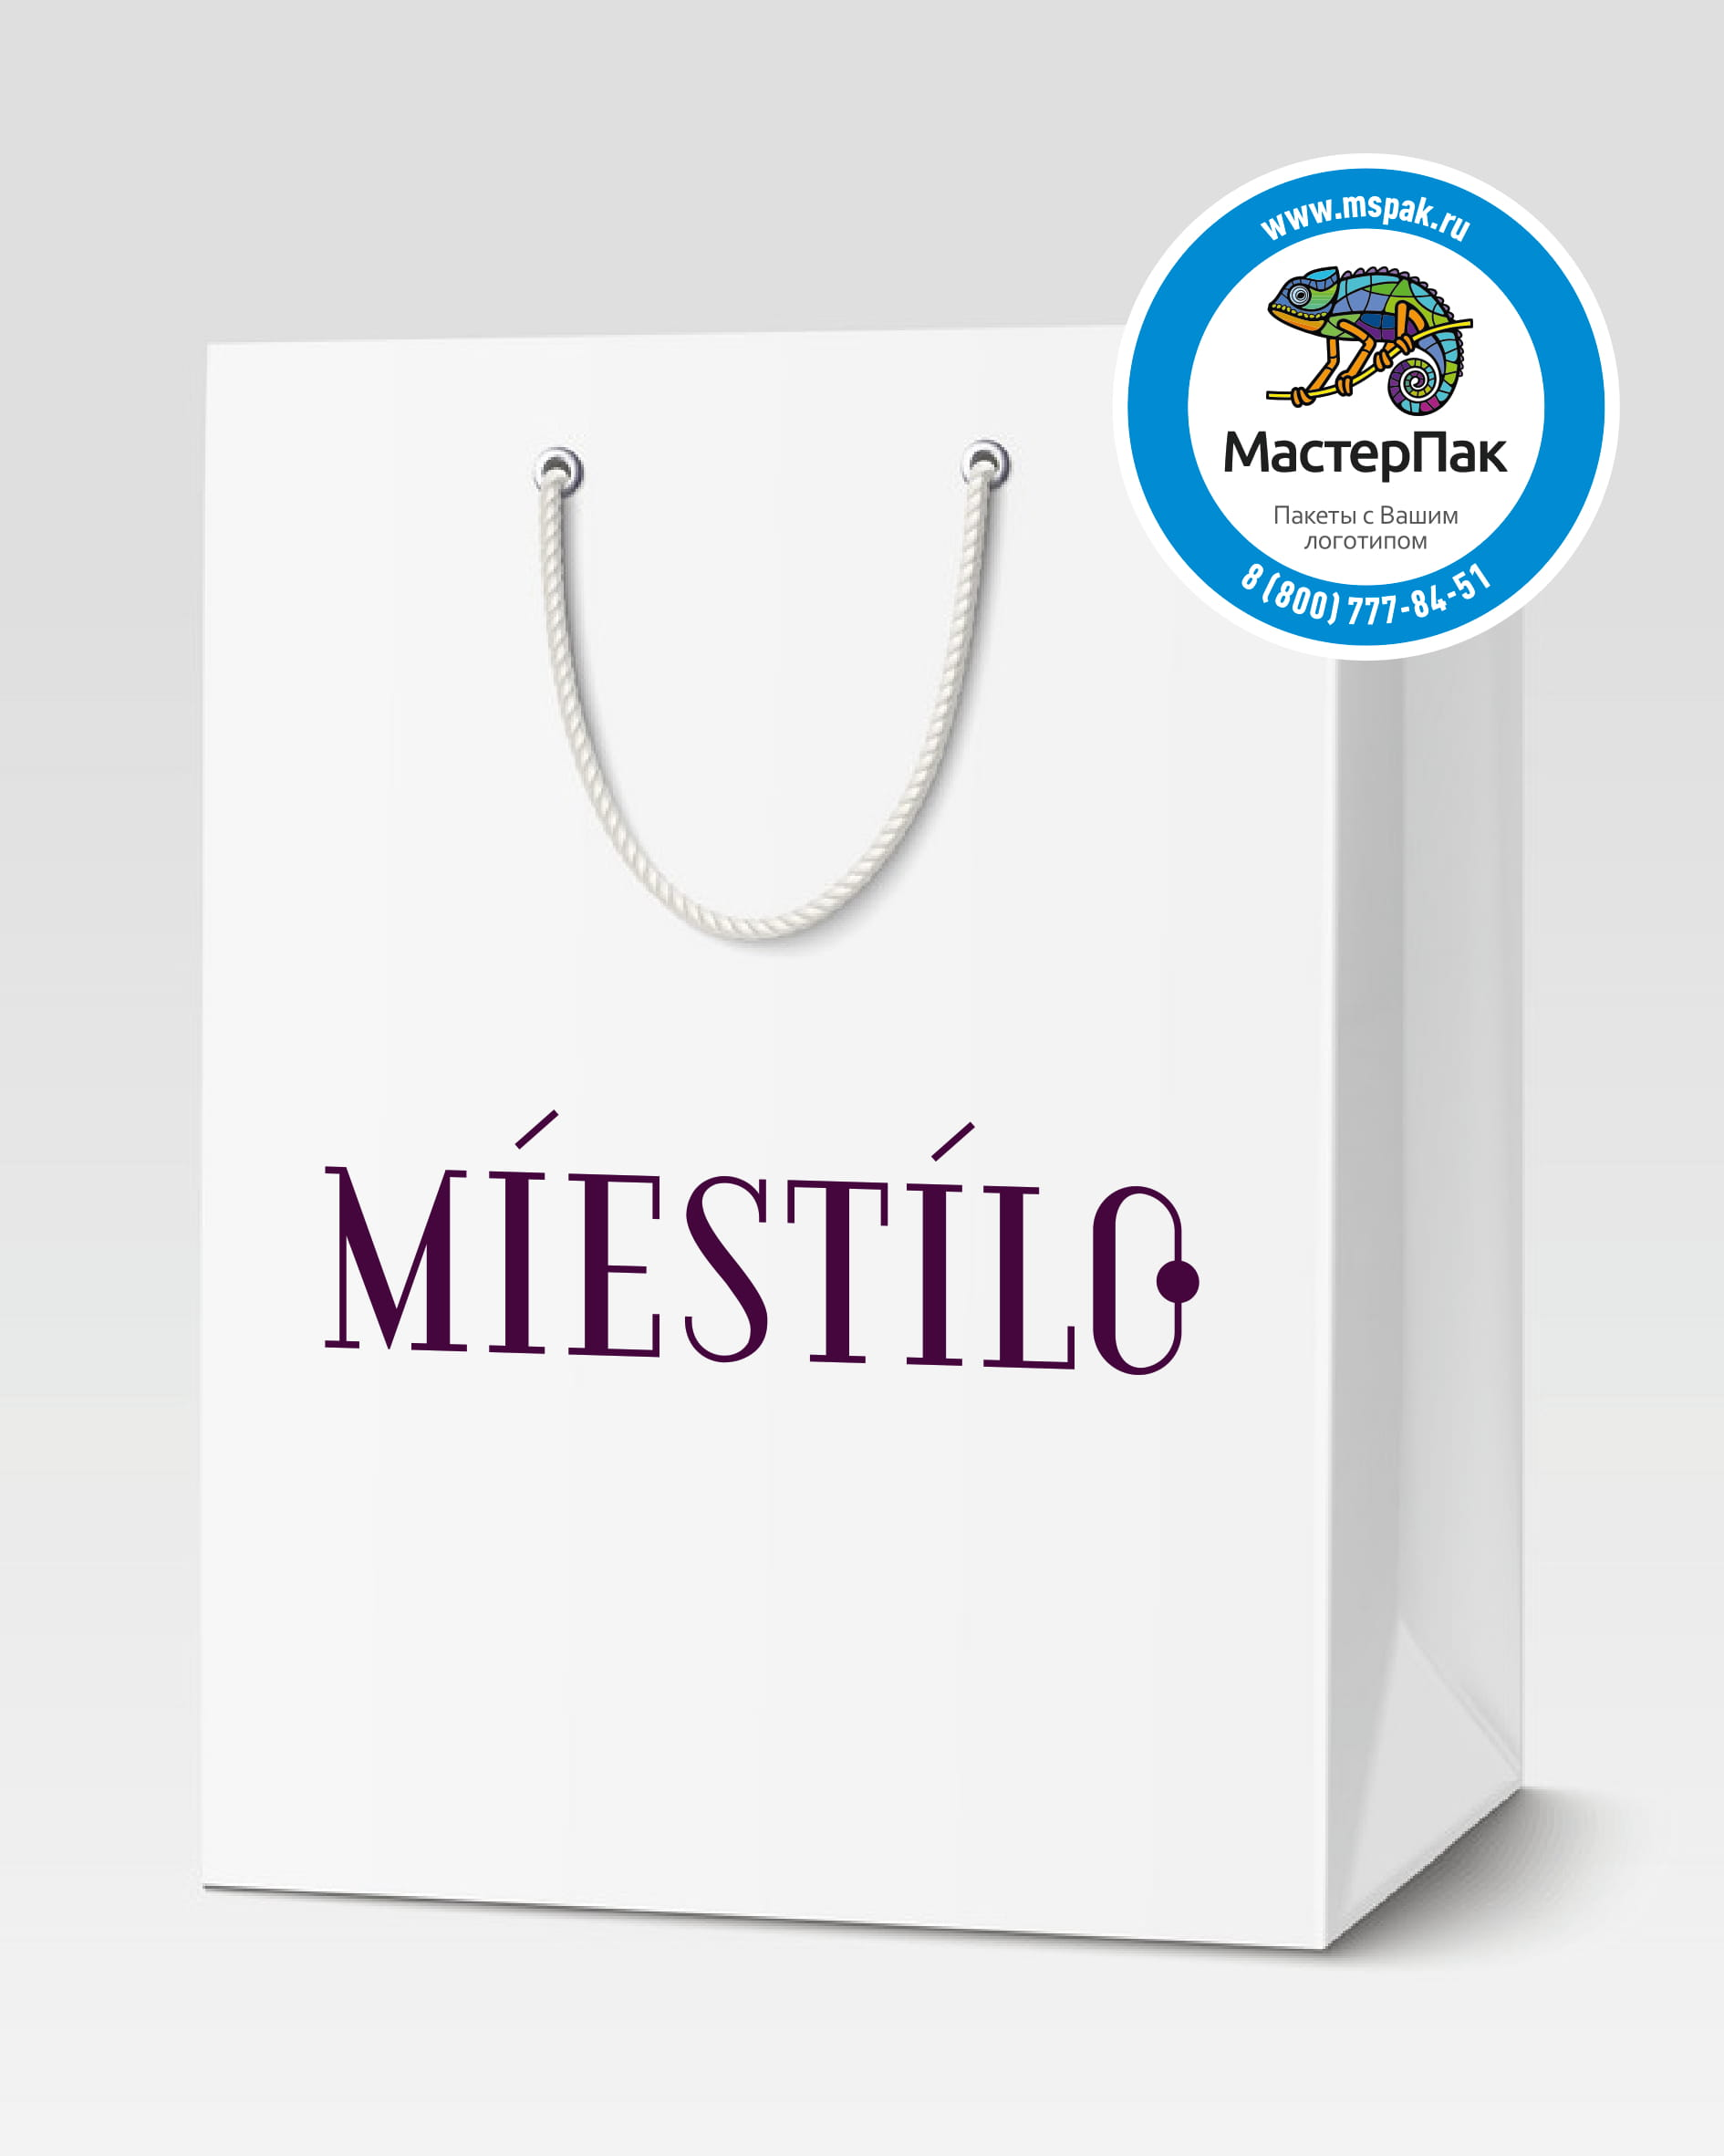 Пакет подарочный, бумажный с логотипом Miestilo, Санкт-Петербург, люверсы, 22*36